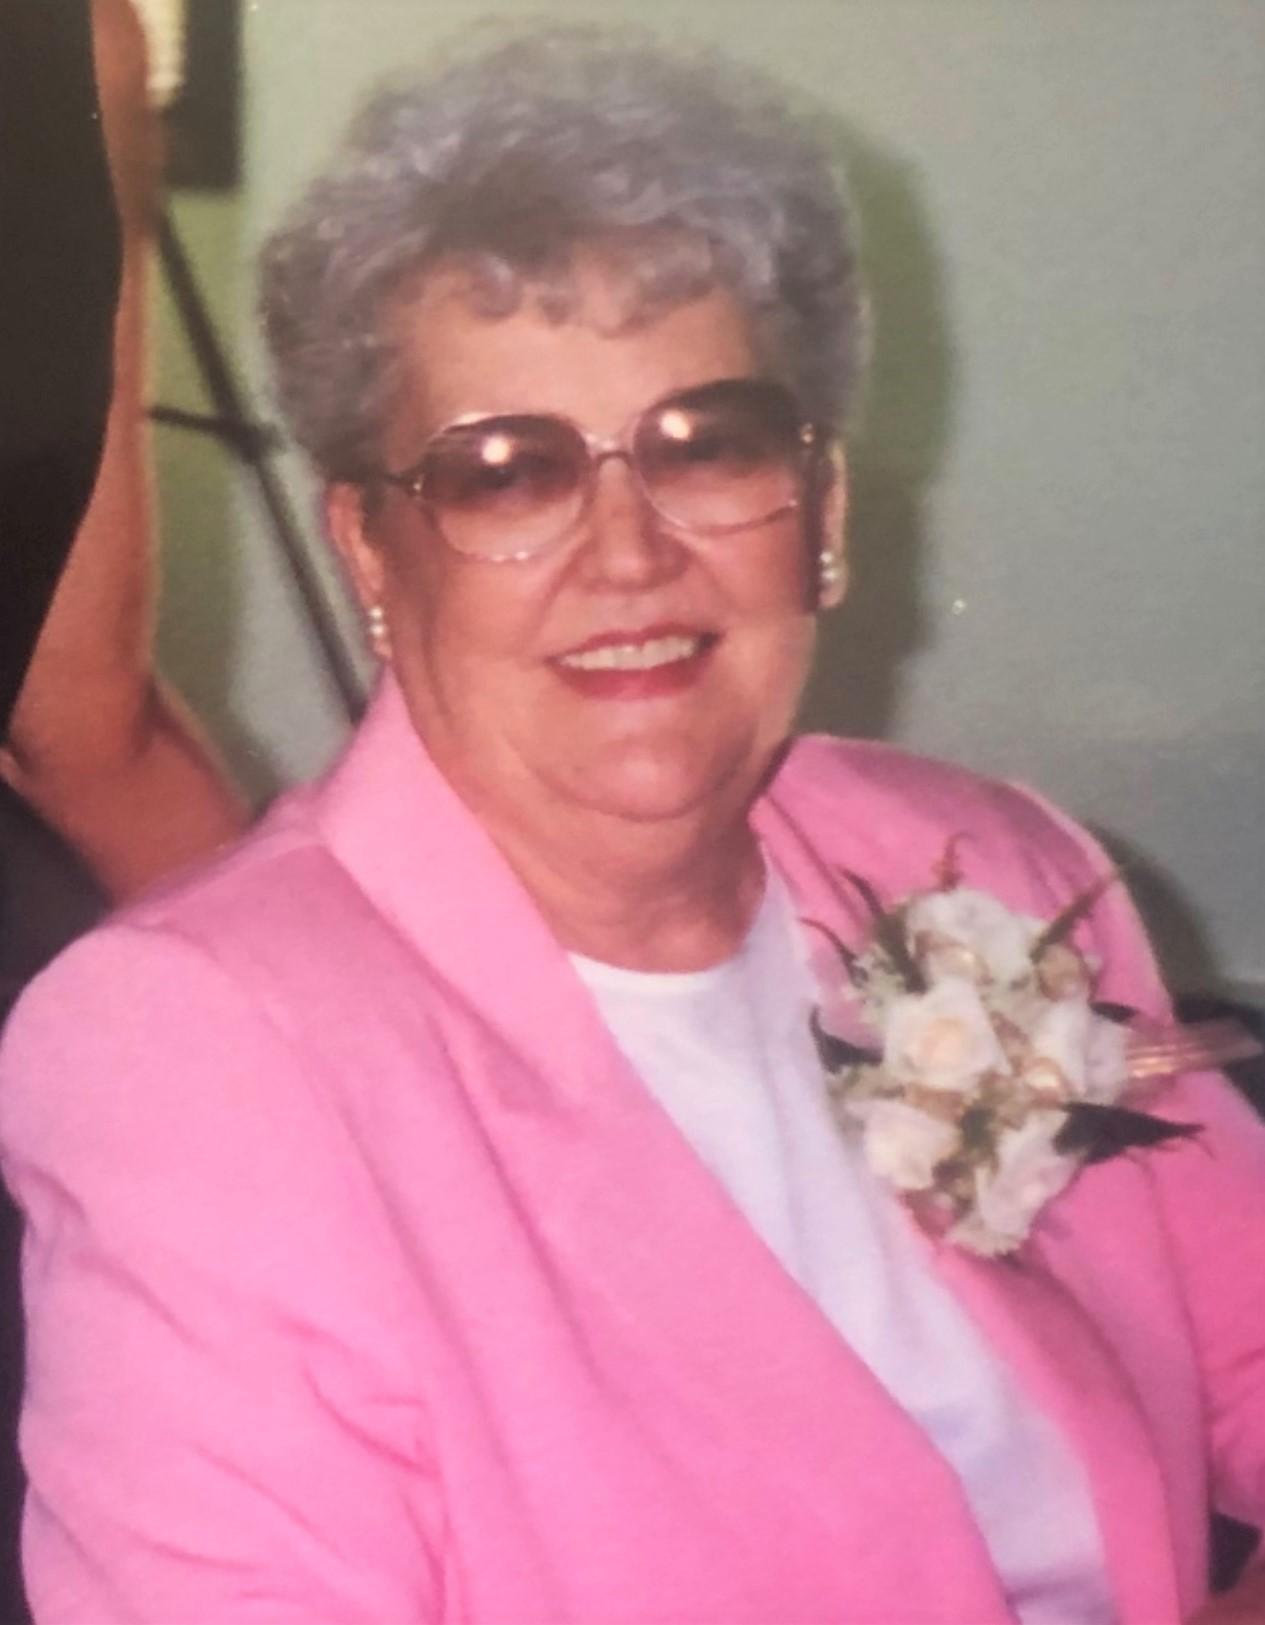 Lolah Jean Rubino, 93